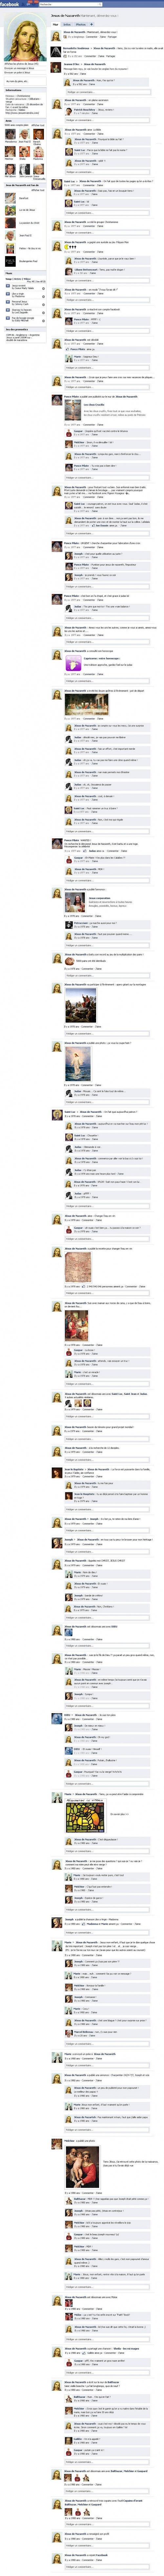 La page Facebook de Jésus